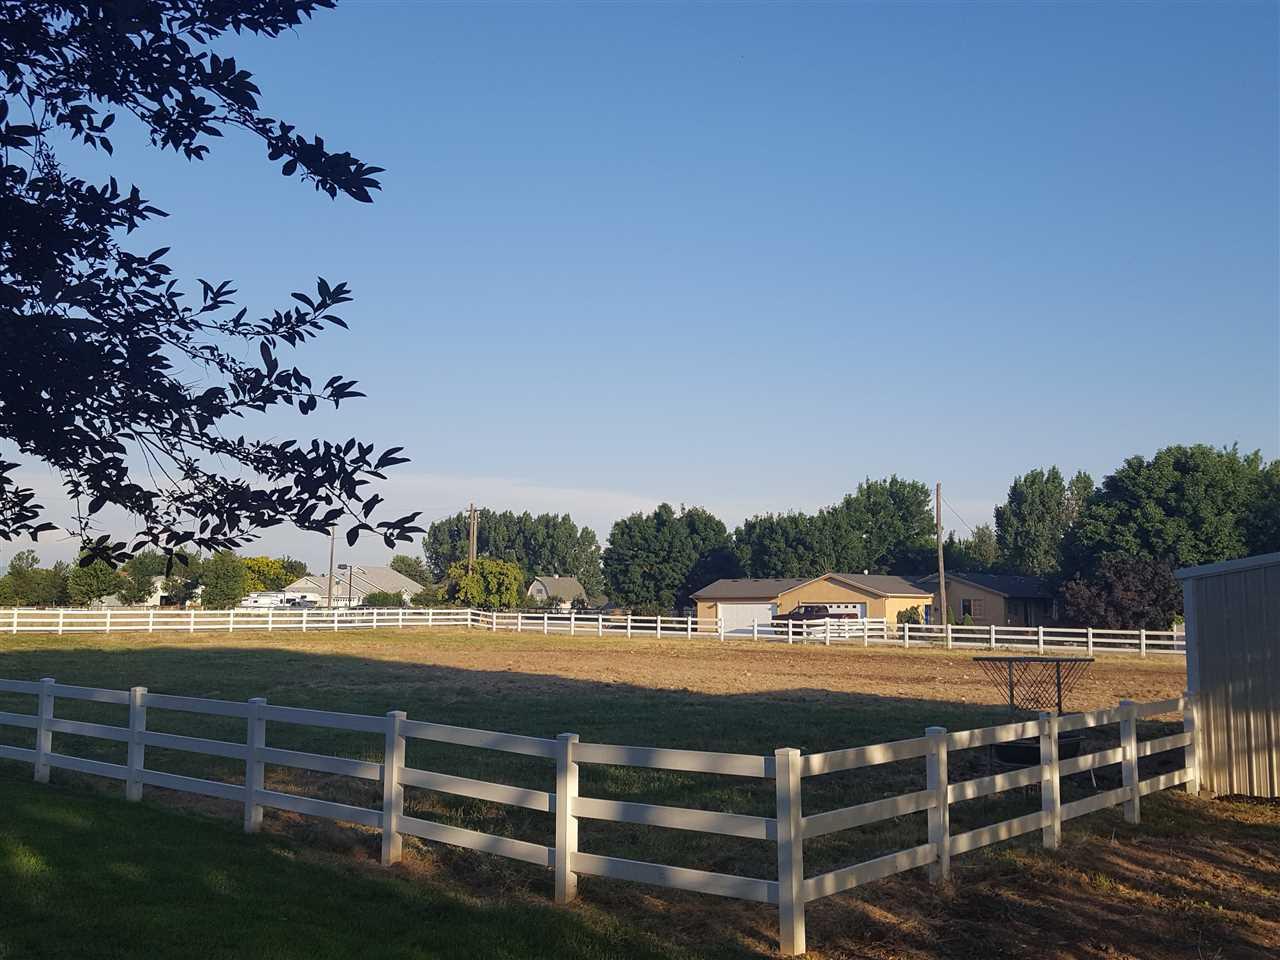 TBD N Park Lane,Eagle,Idaho 83616,Land,TBD N Park Lane,98678591